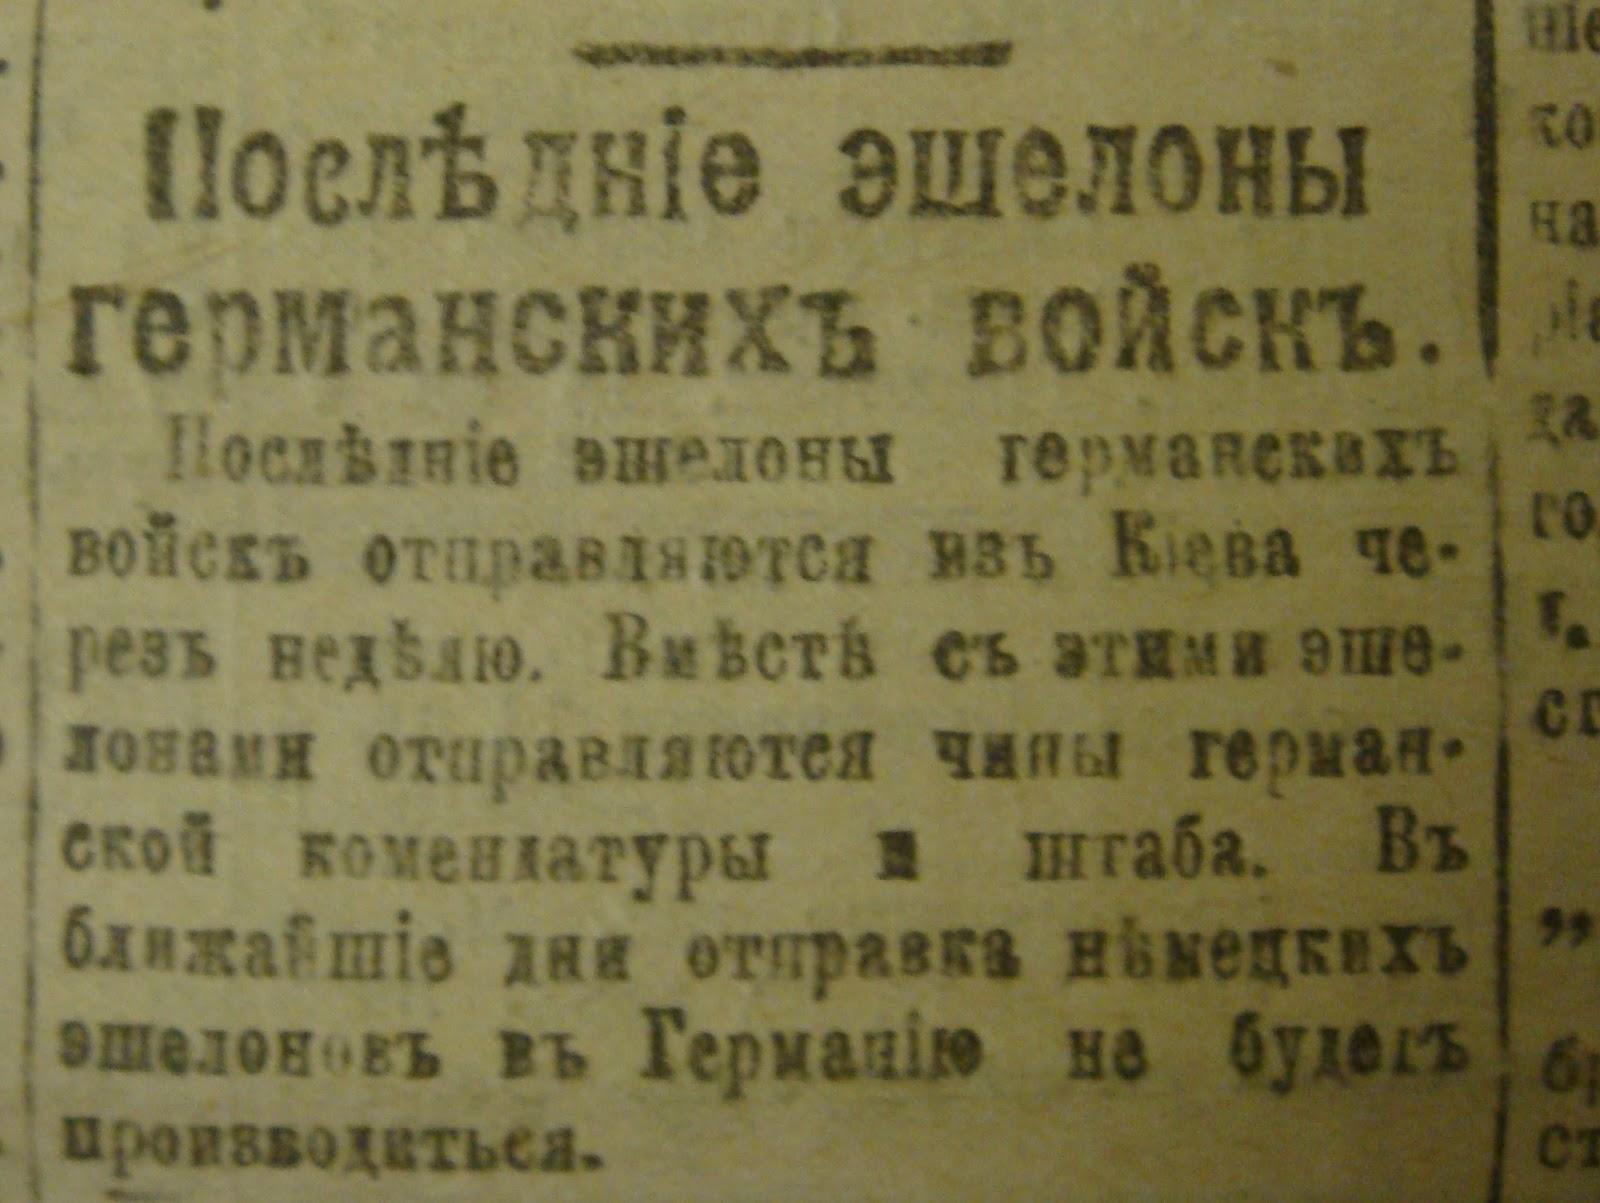 Одне з останніх повідомлень київських газет. Кінець січня 1919 року